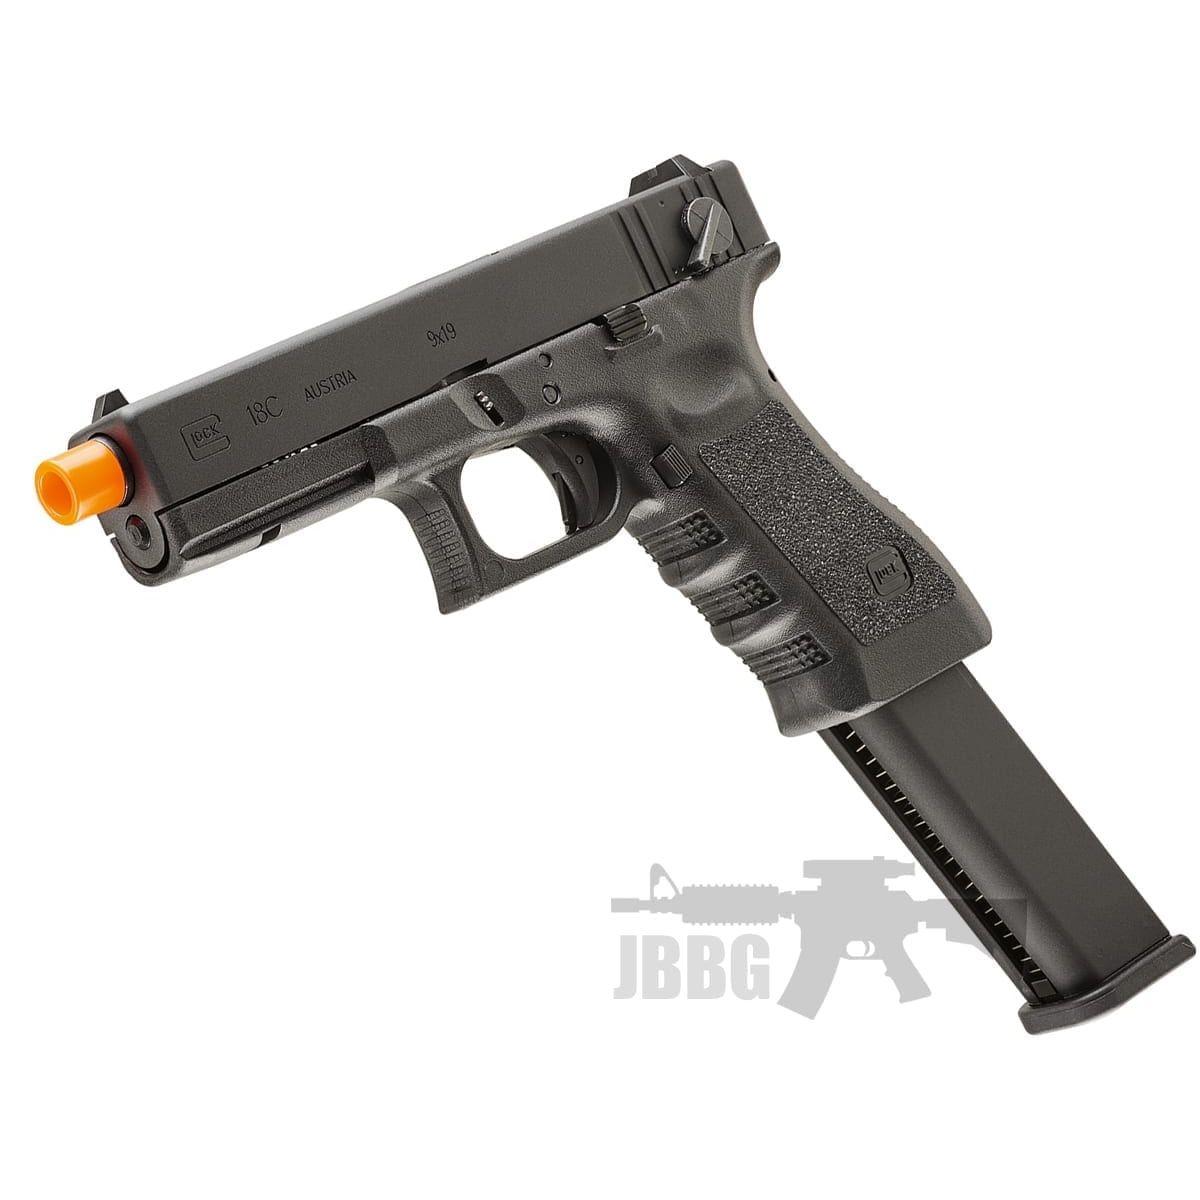 g18c-glock-pistol-gun-airsoft